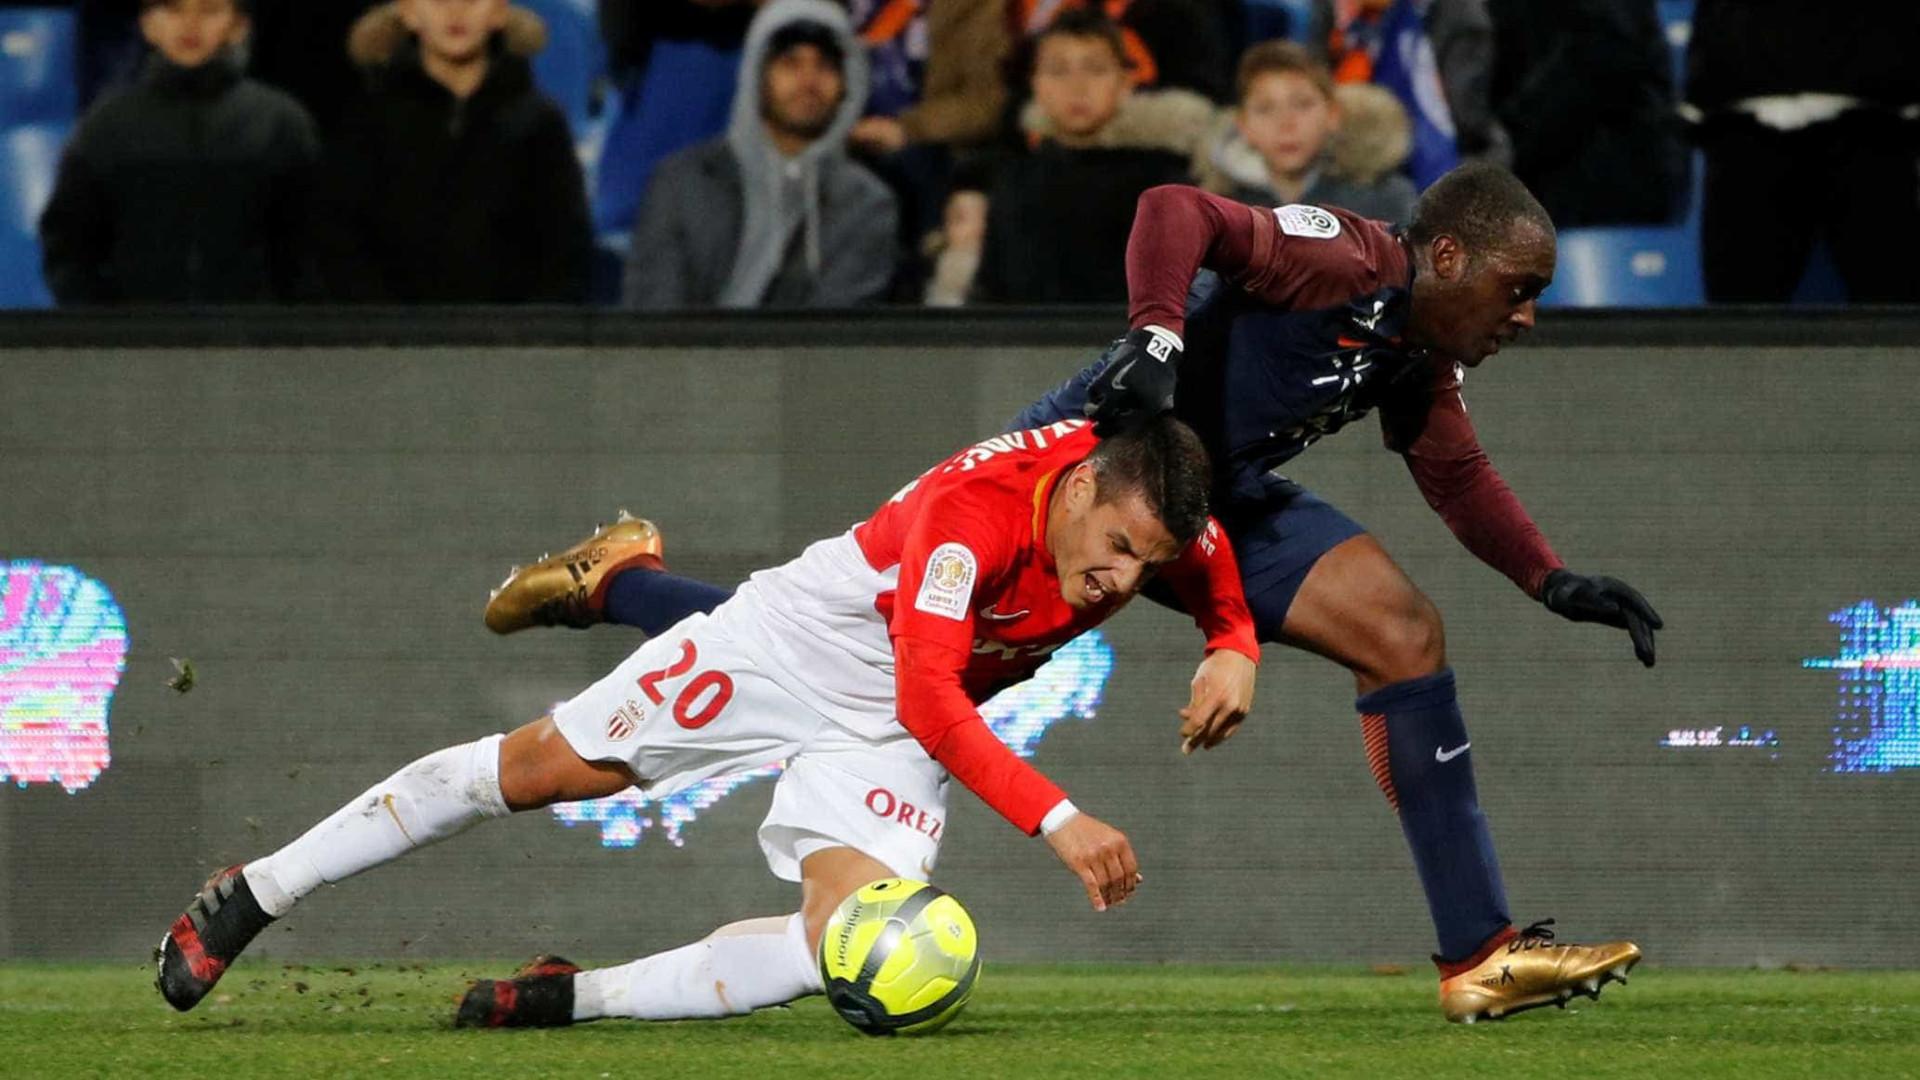 Mónaco 'escorrega' em Montpellier e pode... 'cair' para terceiro